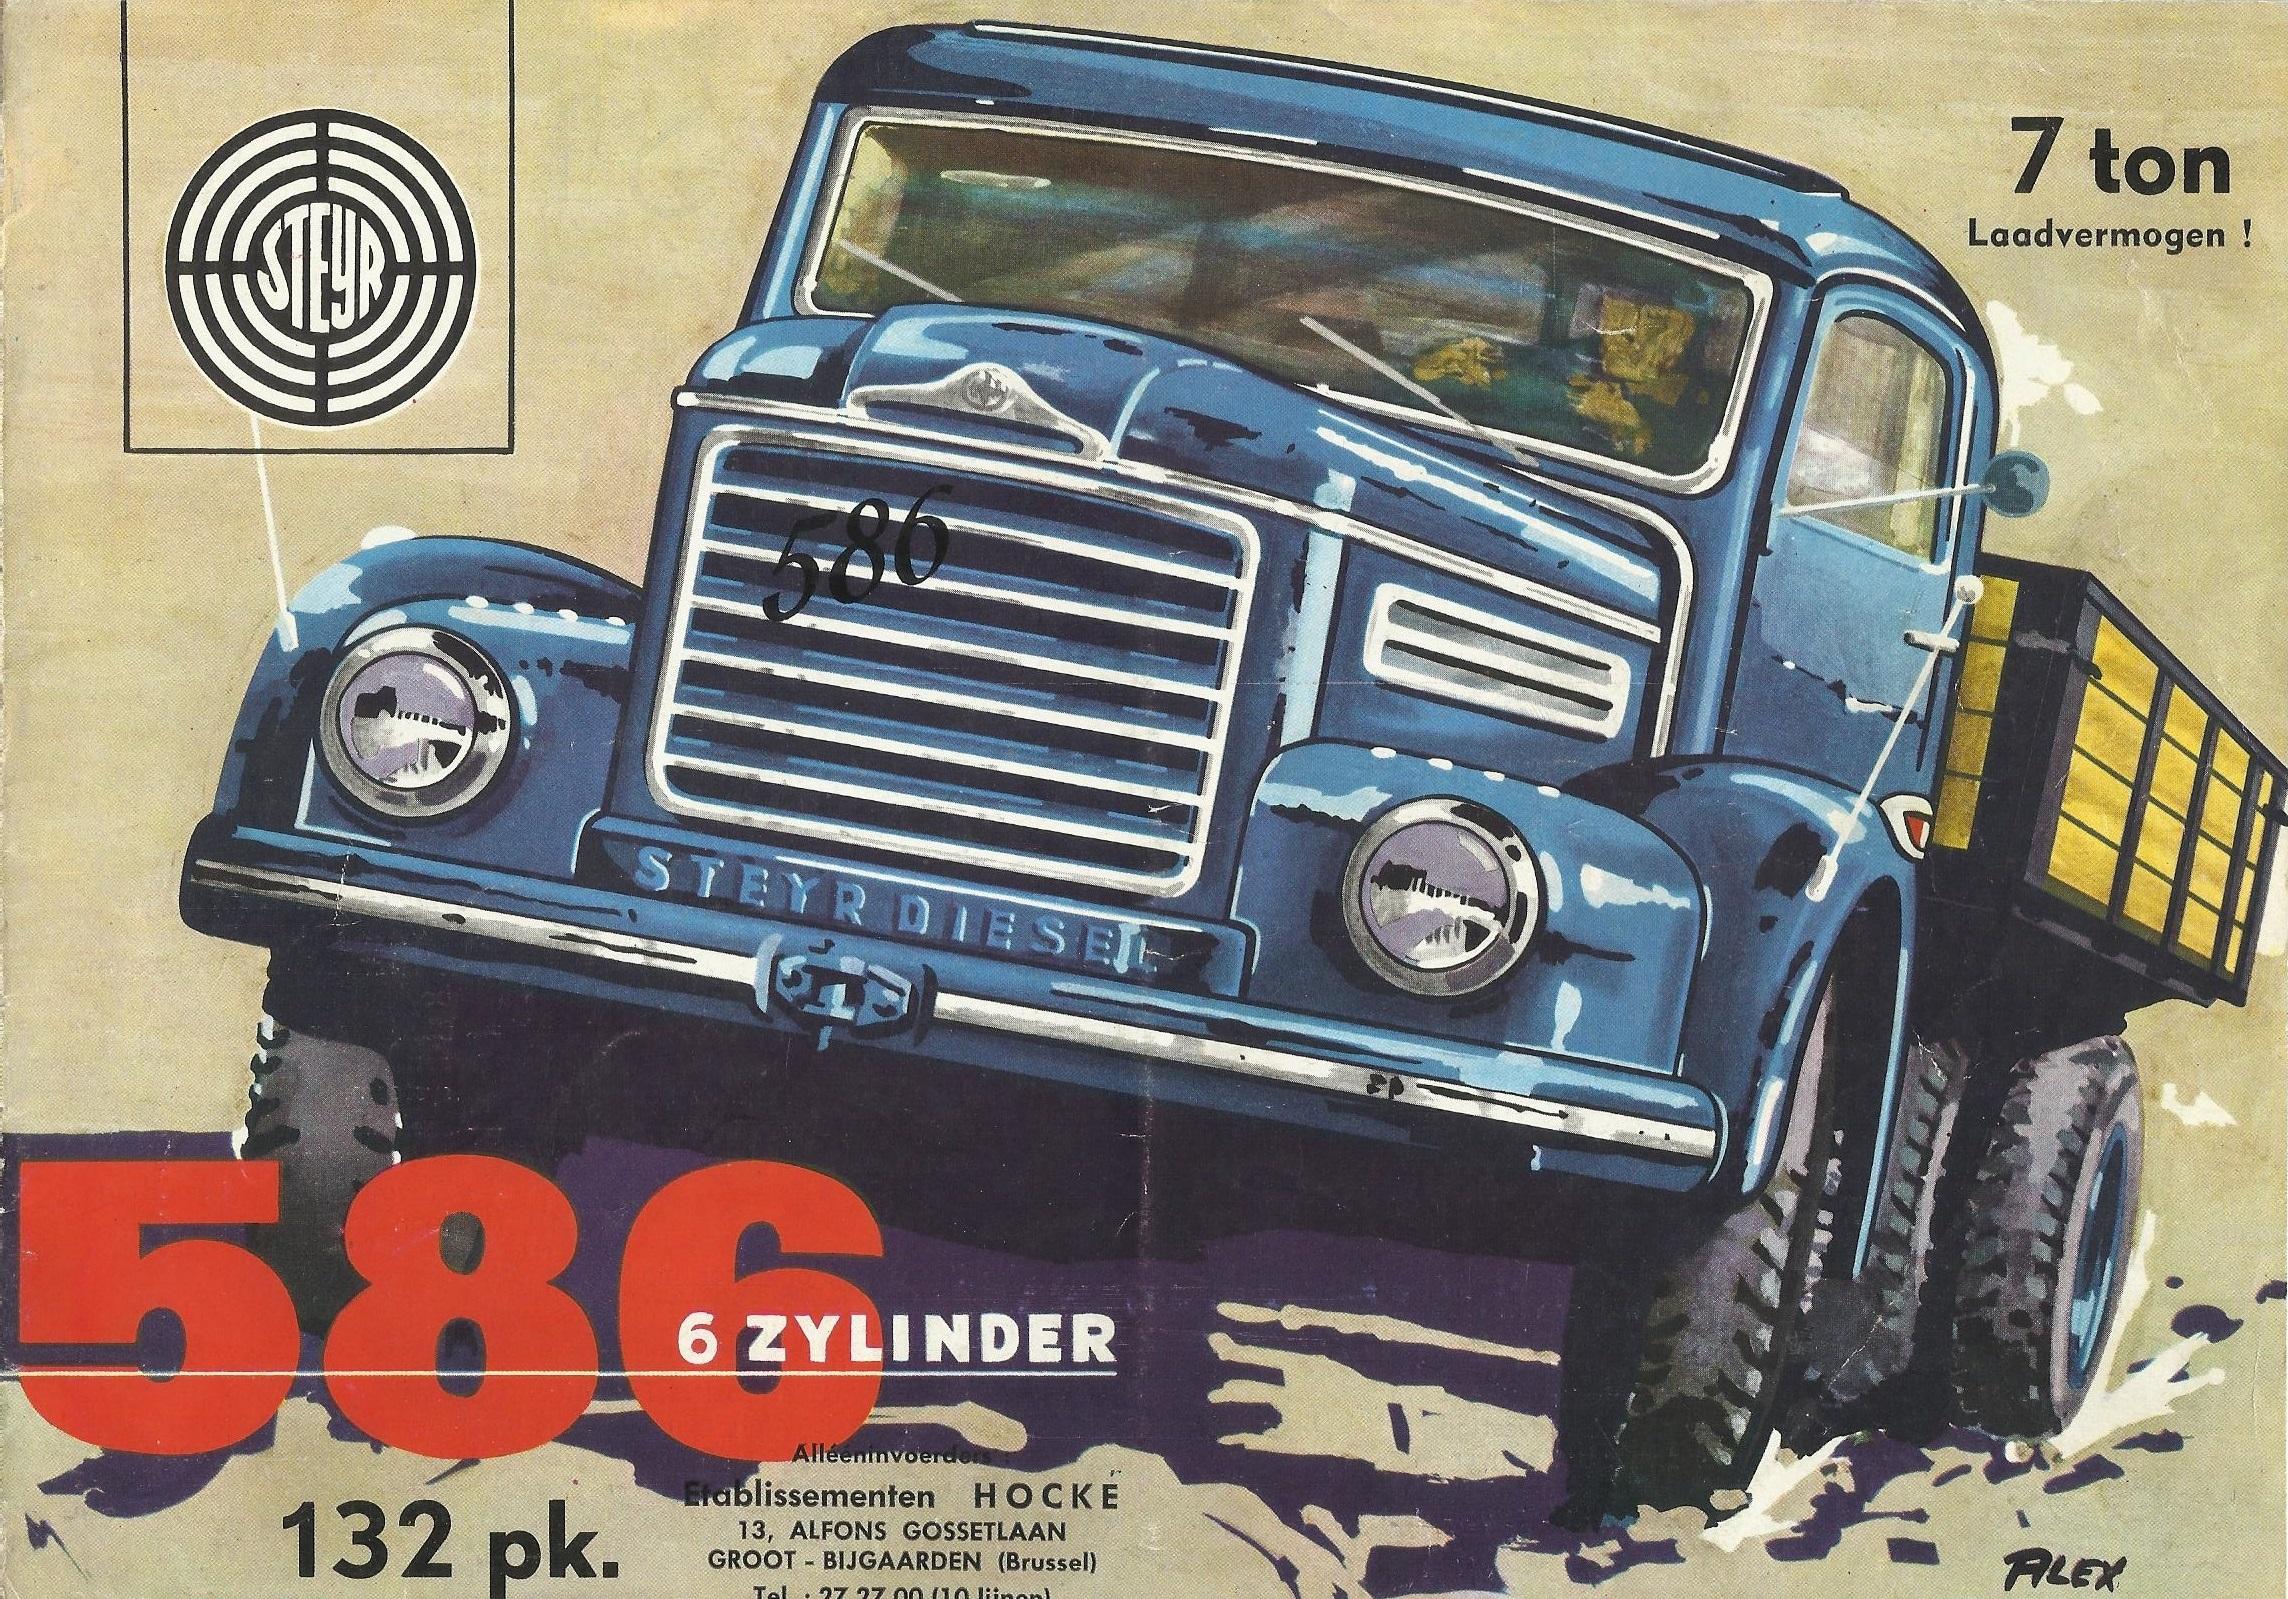 Steyer-586-folder